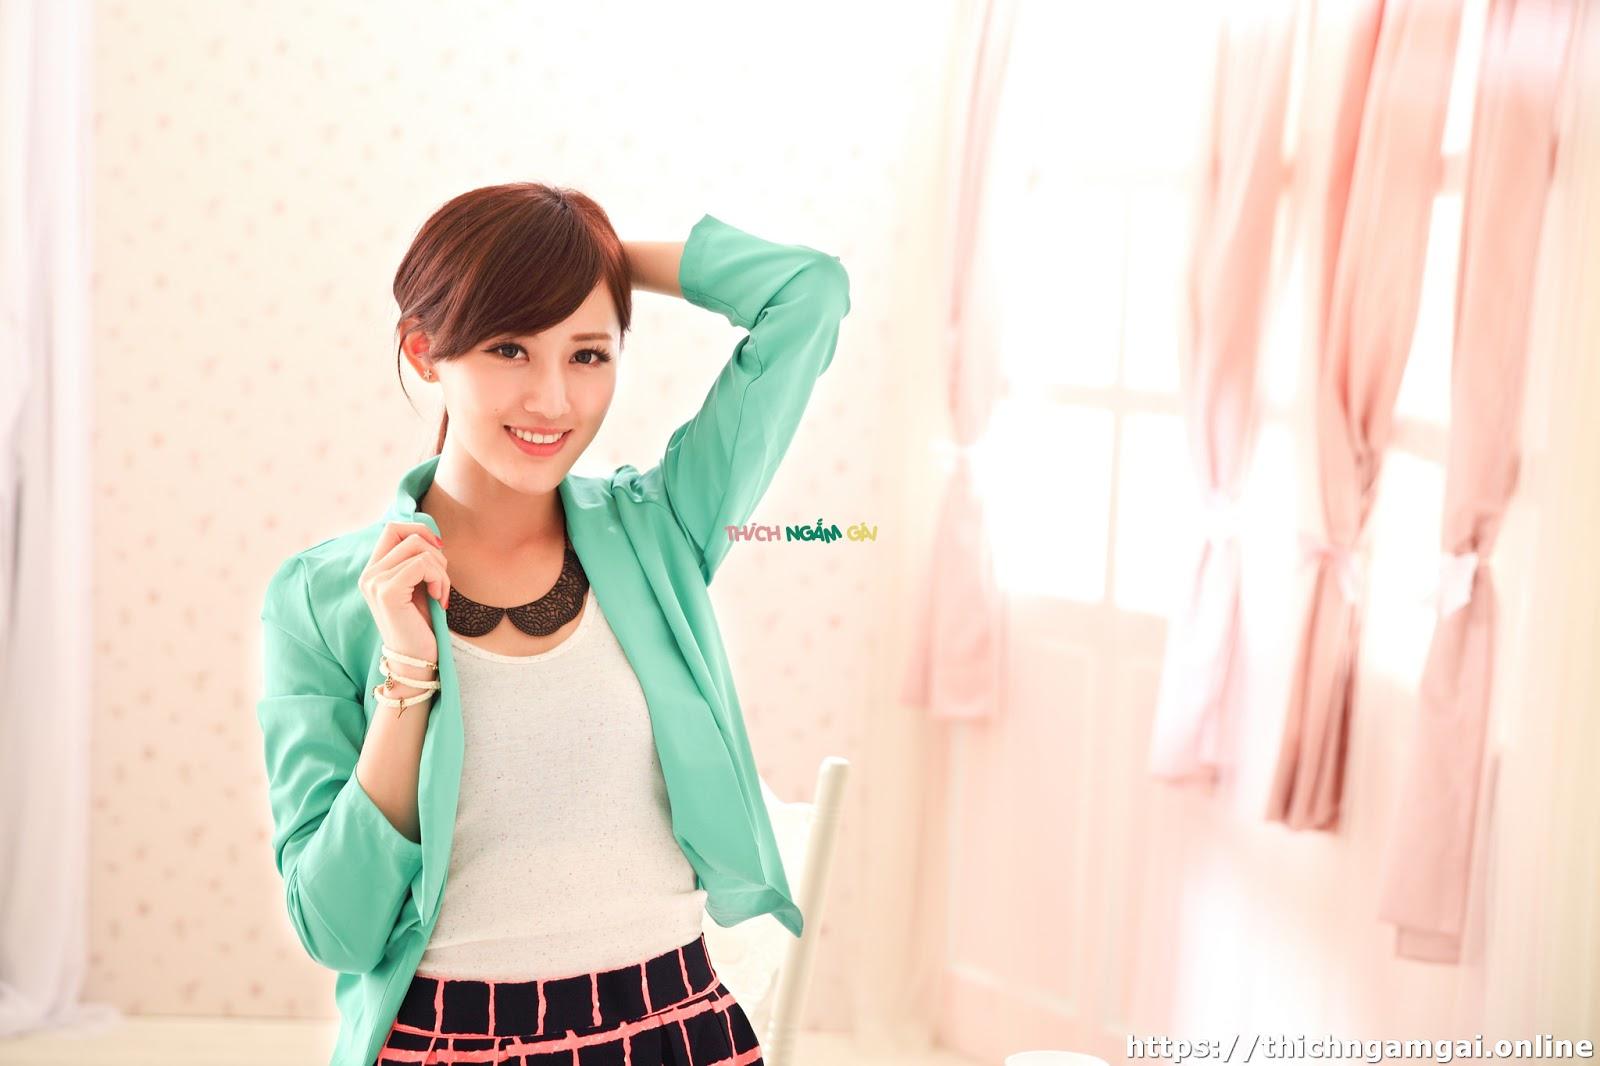 Thích Ngắm Gái 581.%2BIMG_6260%2B%2528Large%2B2048%2529 Tuyển Tập Girls Xinh Việt Nam (Phần 76)